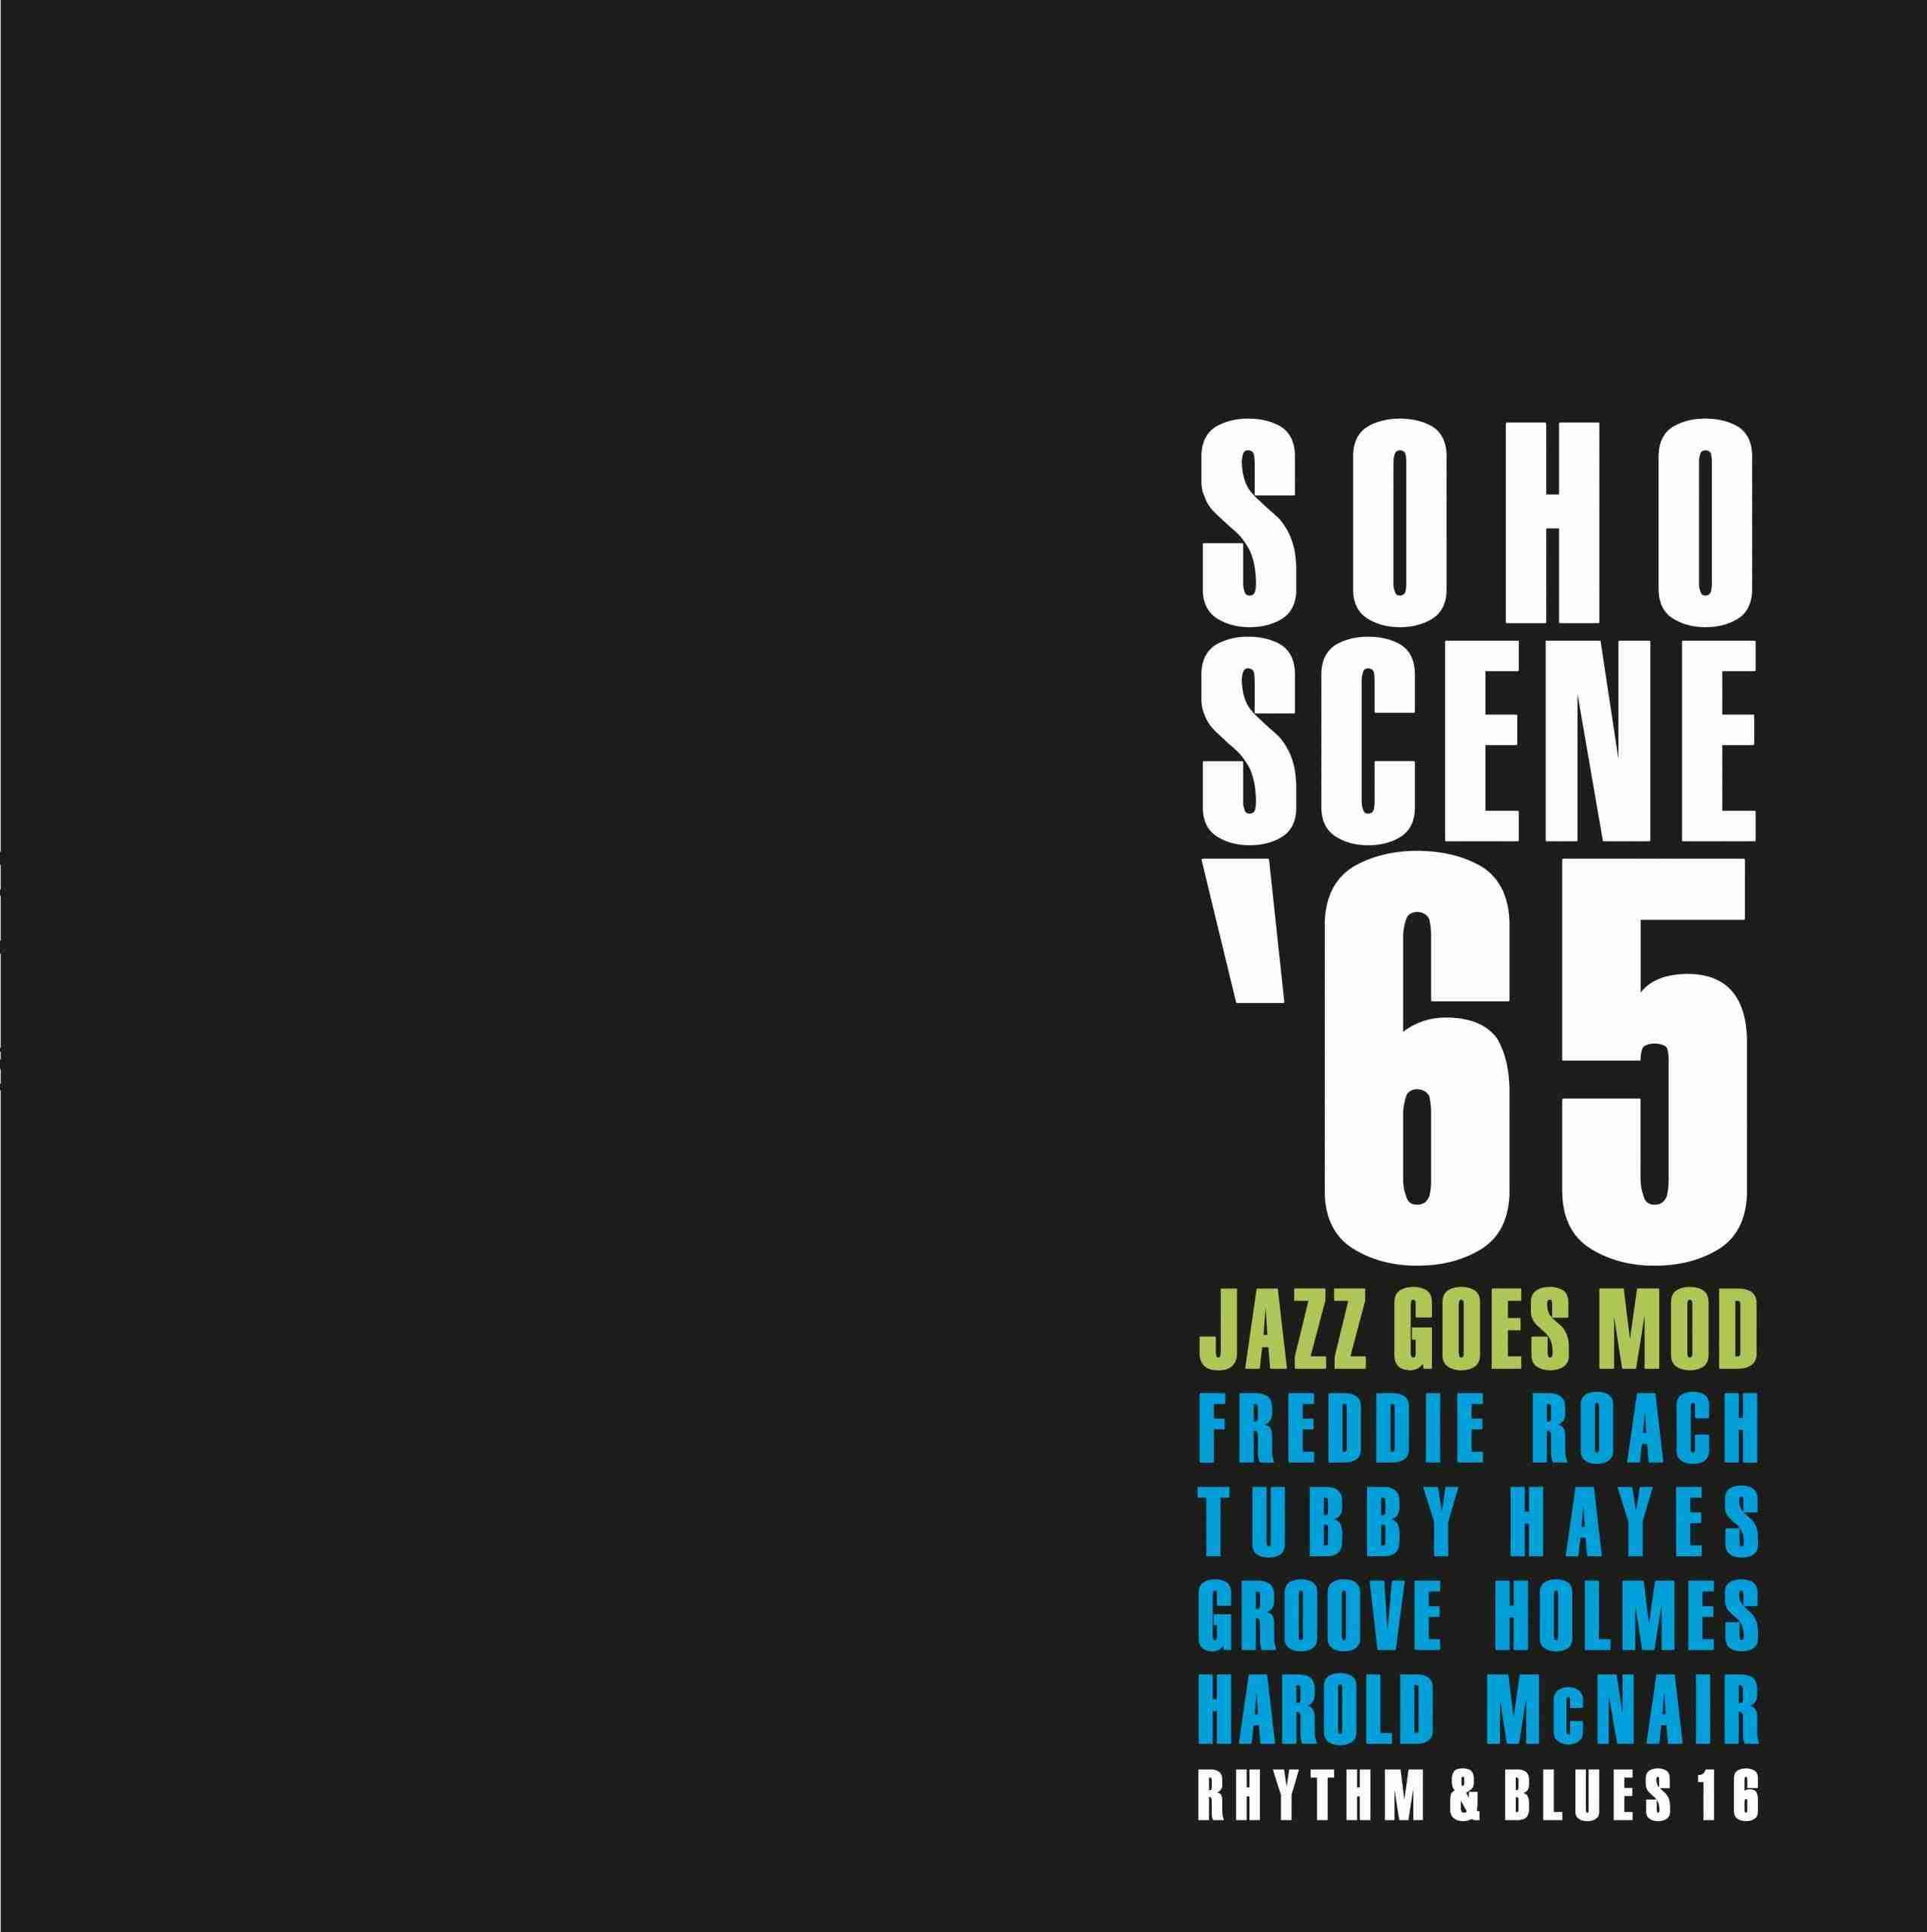 Soho Scene 65 - Jazz Goes Mod